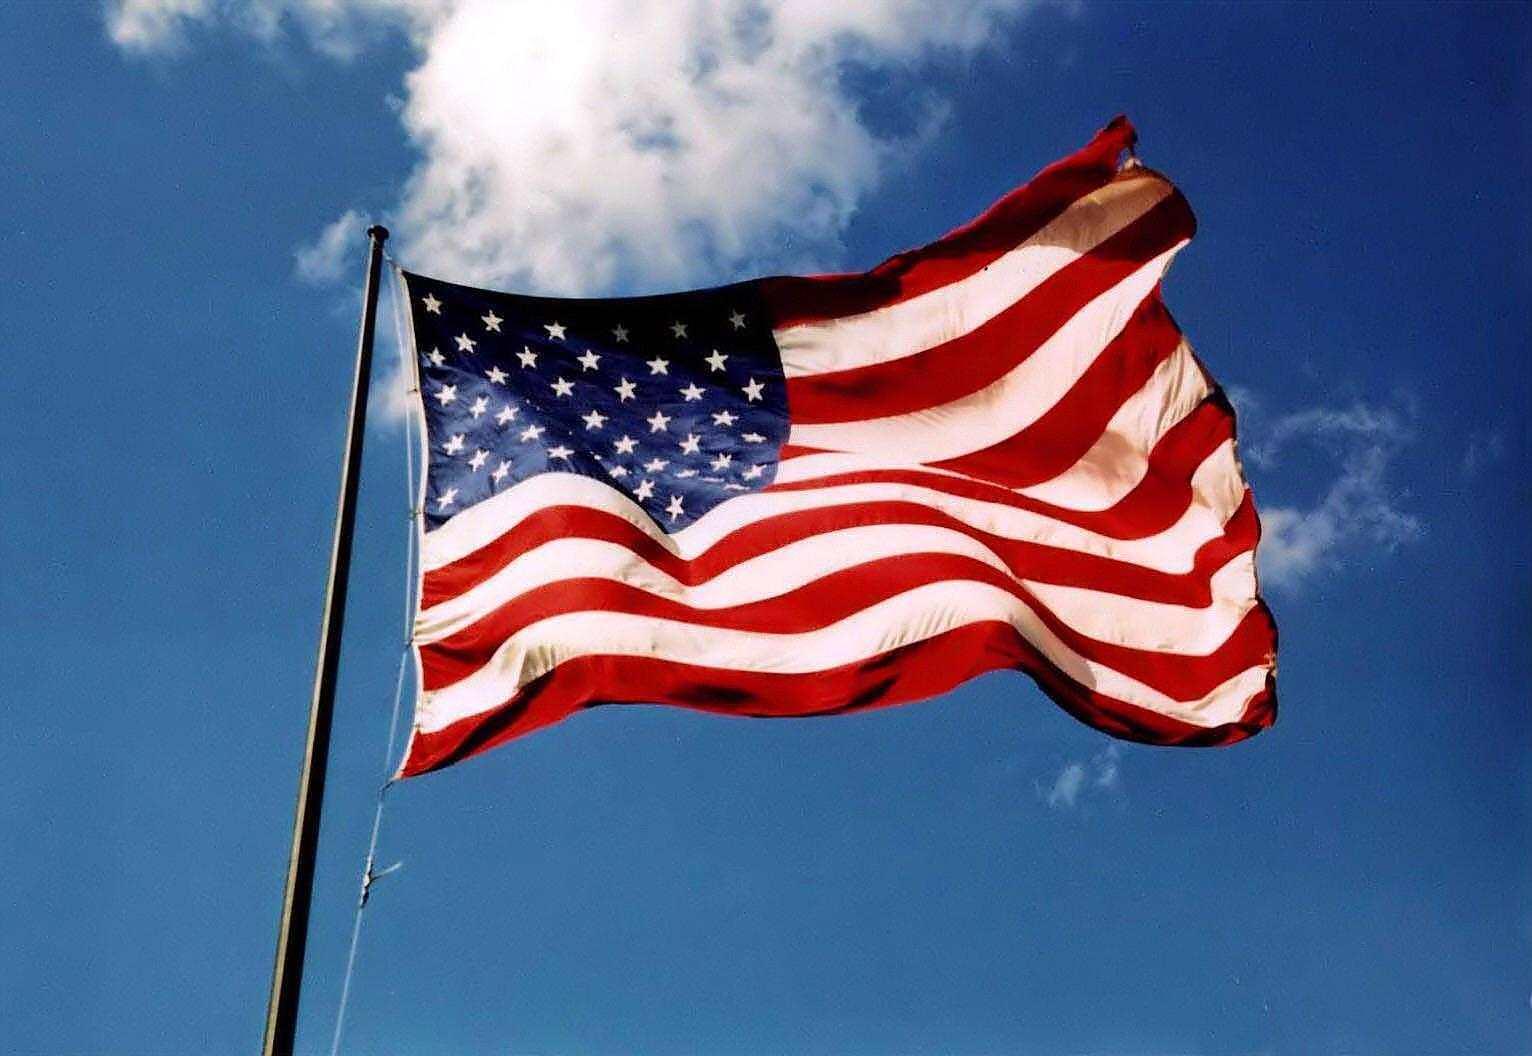 Le drapeau américain – Tout savoir sur ce drapeau